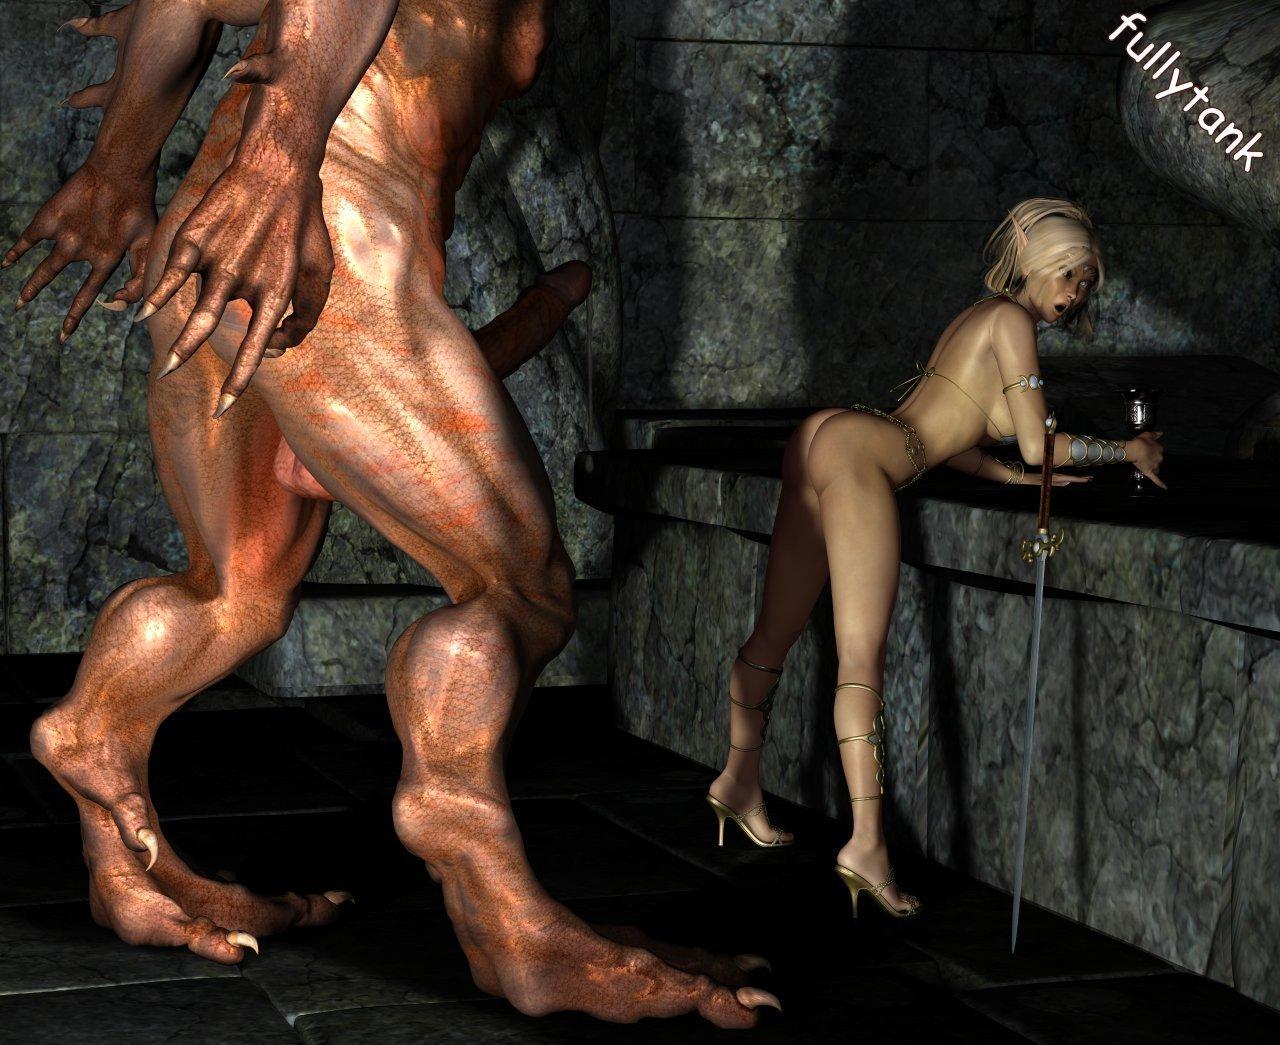 Порно мультики монстро смотреть онлайн бесплатно фото 190-144